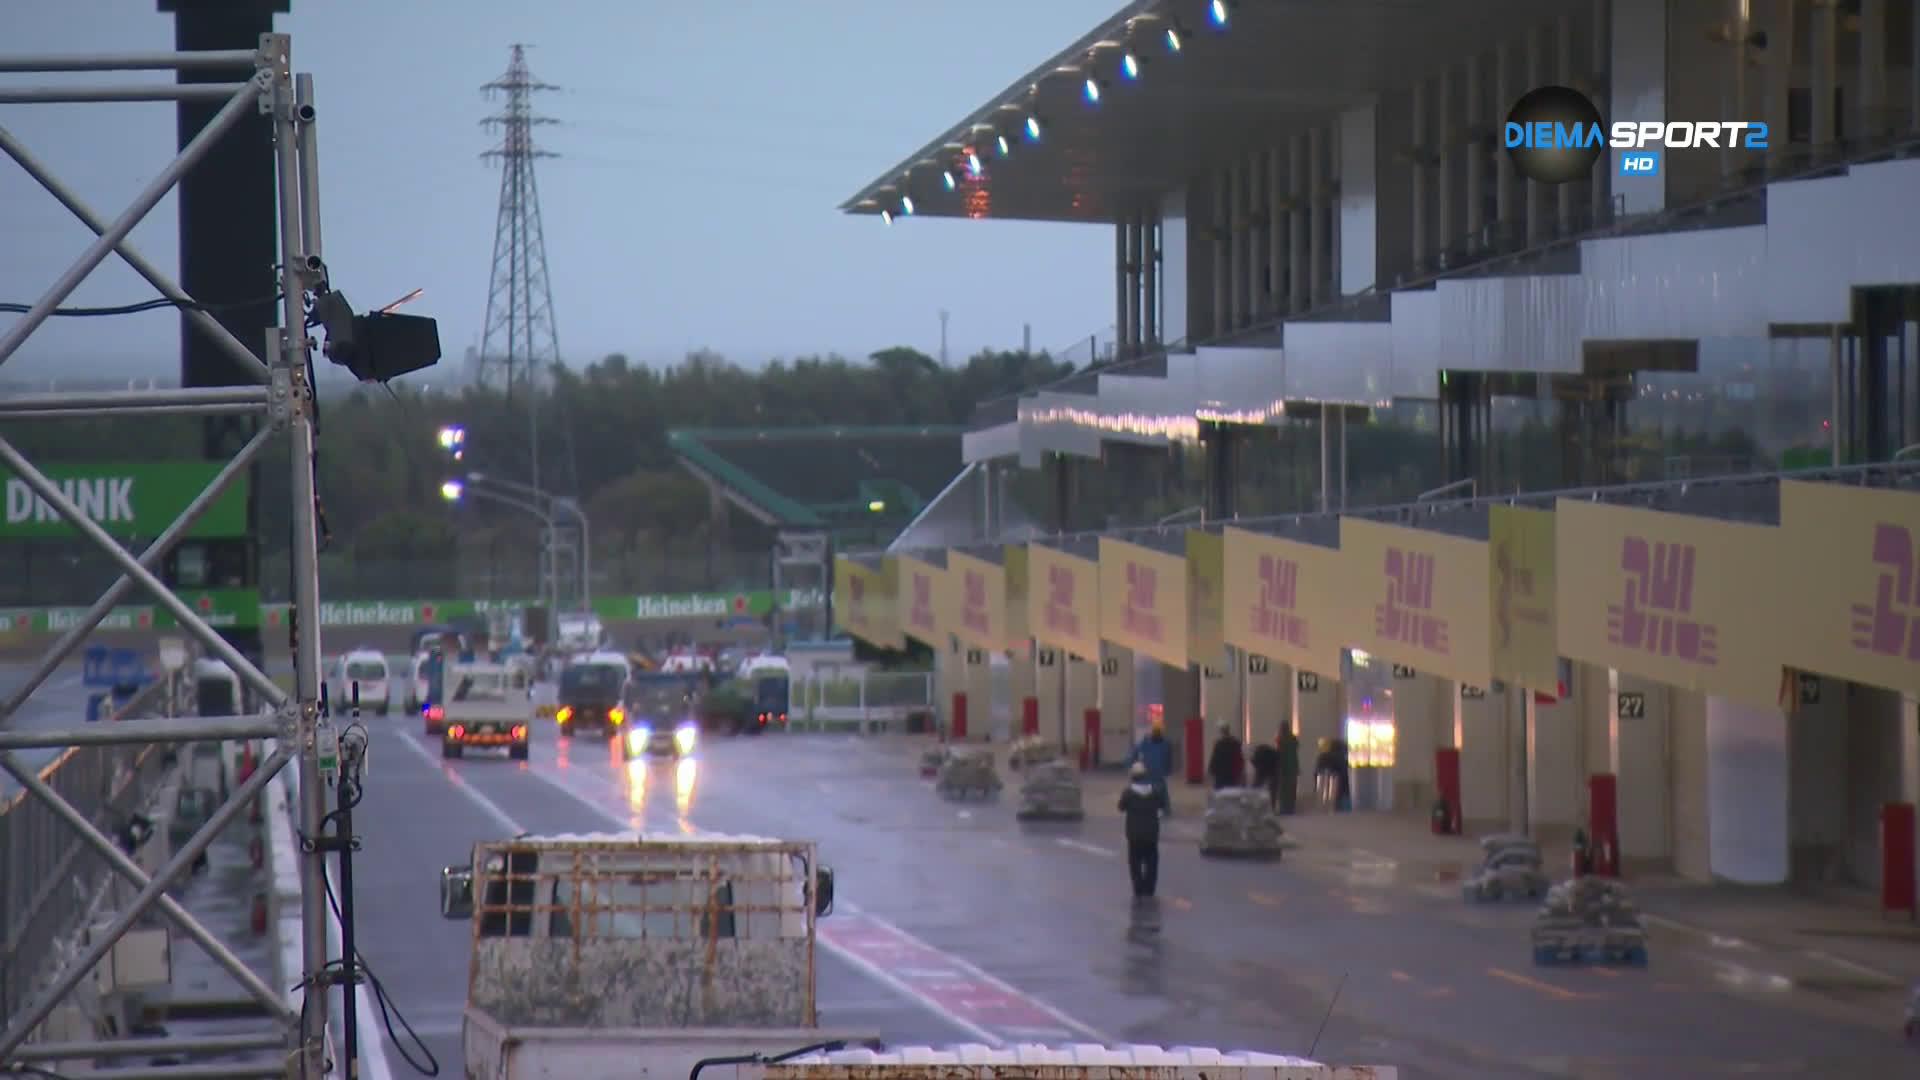 Пето отлагане на квалификация заради дъжд в модерната история на Ф1